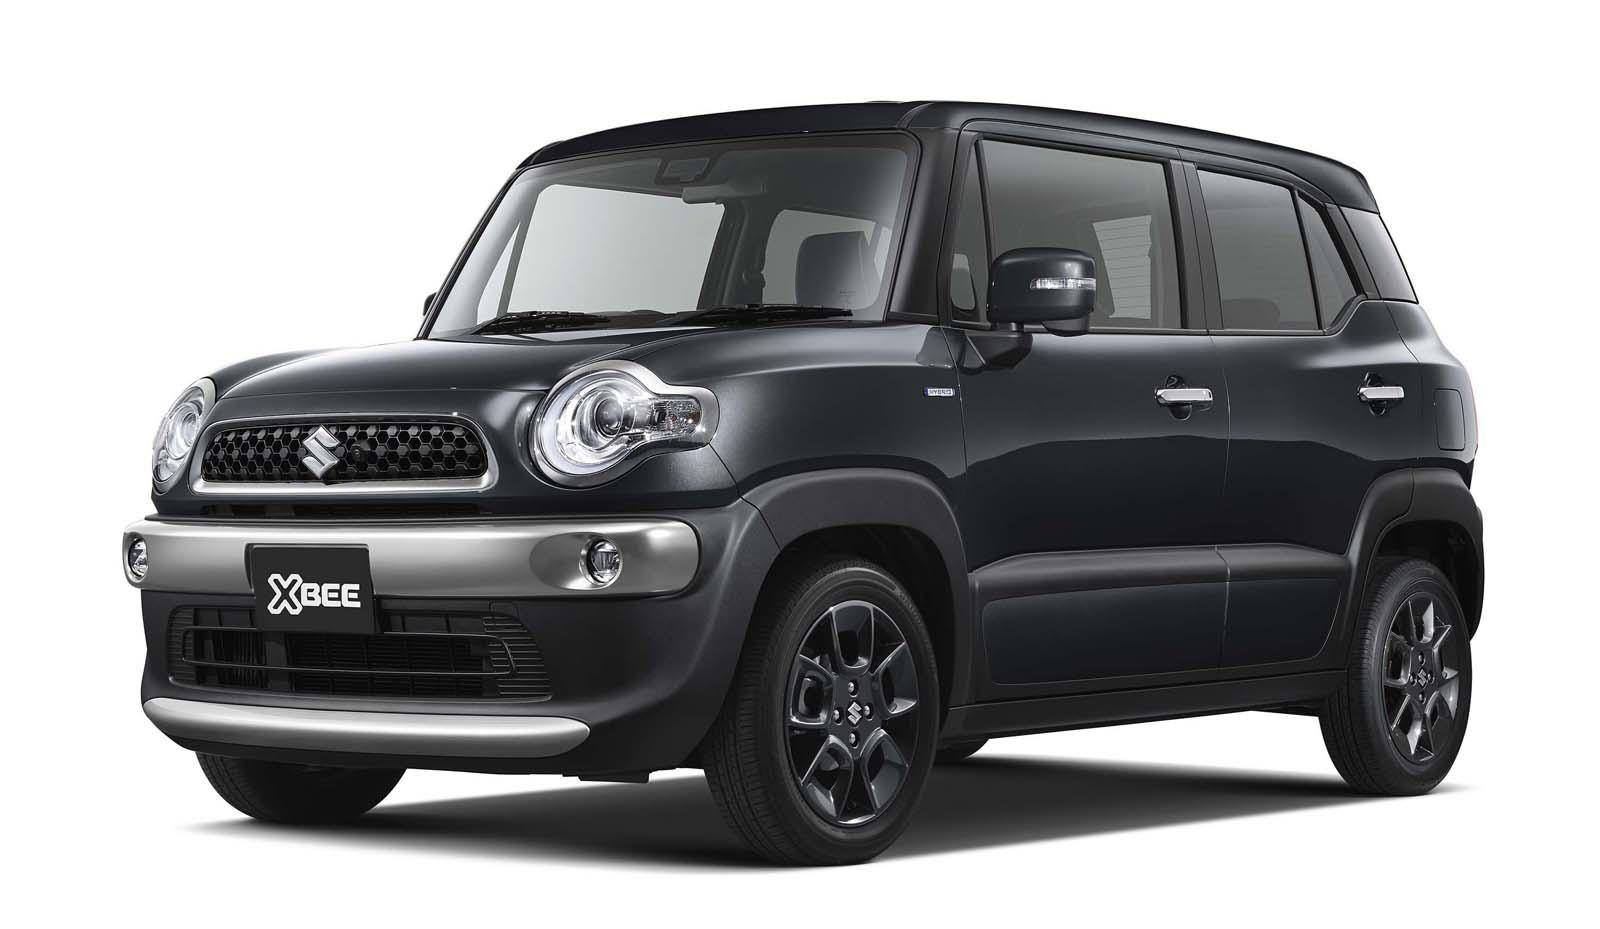 Suzuki Xbee 2018 (10)